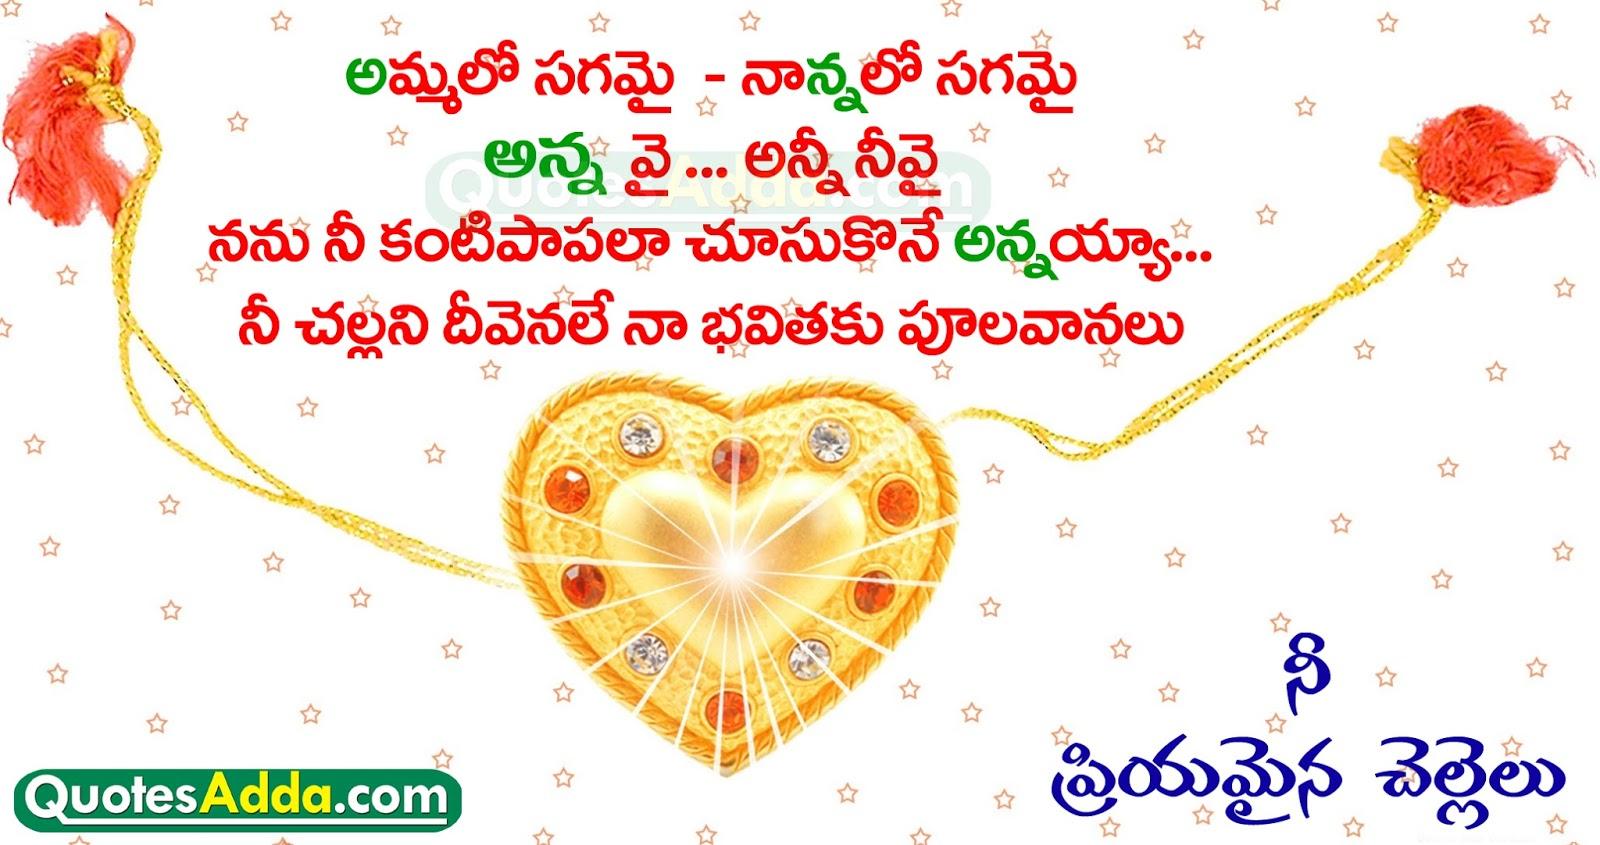 Quotes Telugu Rakhi Greetings Wallpapers Rakhi Images In Telugu